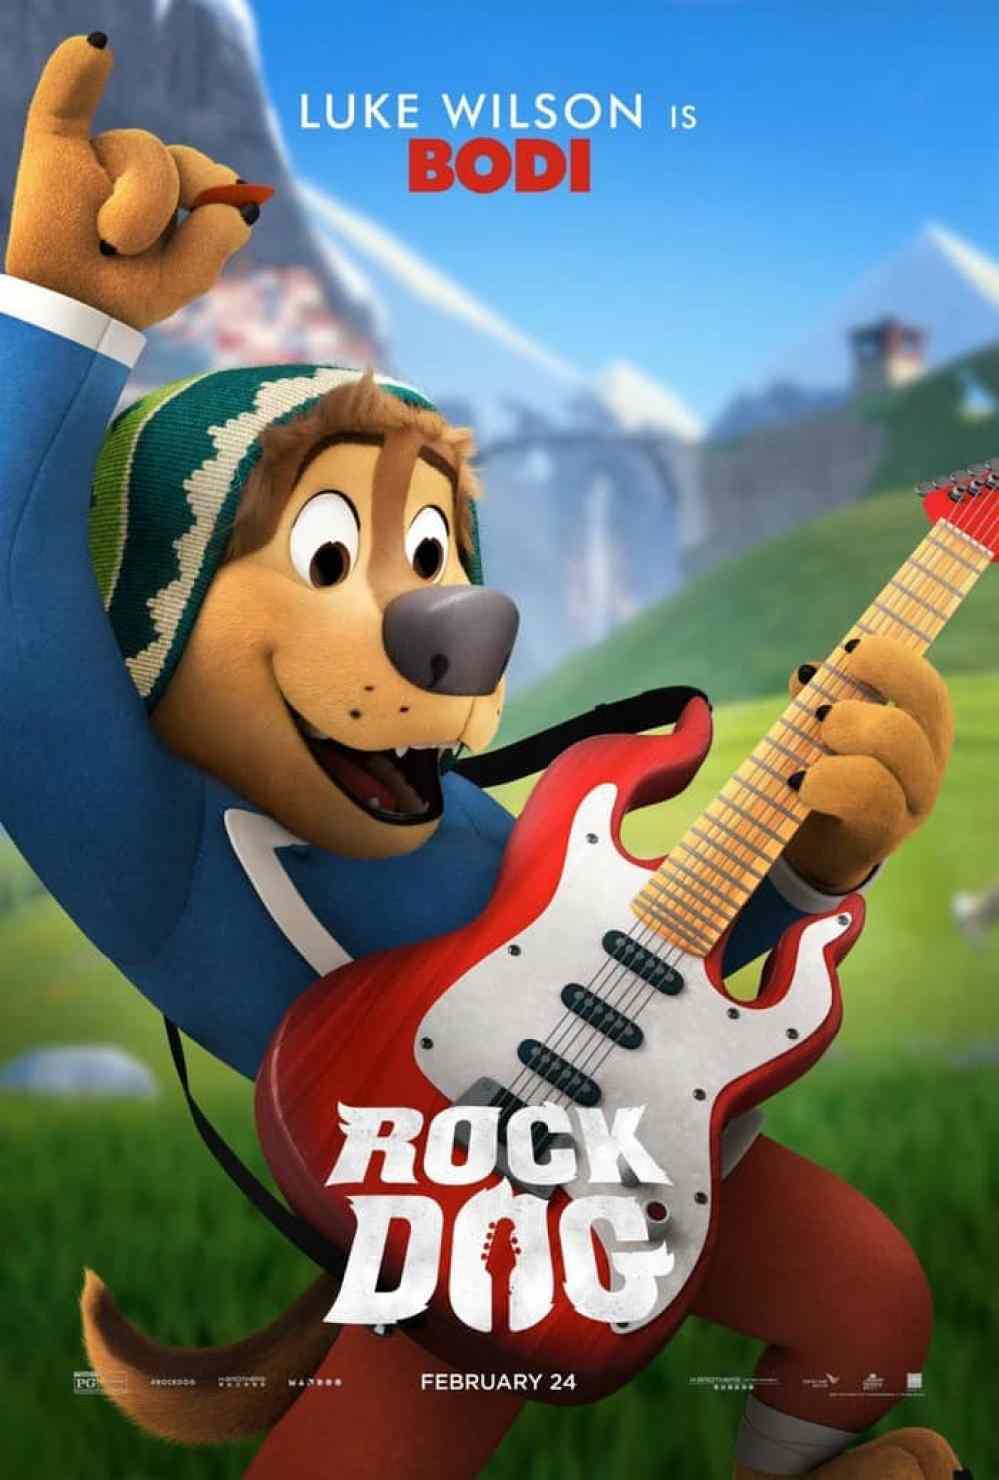 rock dog luke wilson is bodi